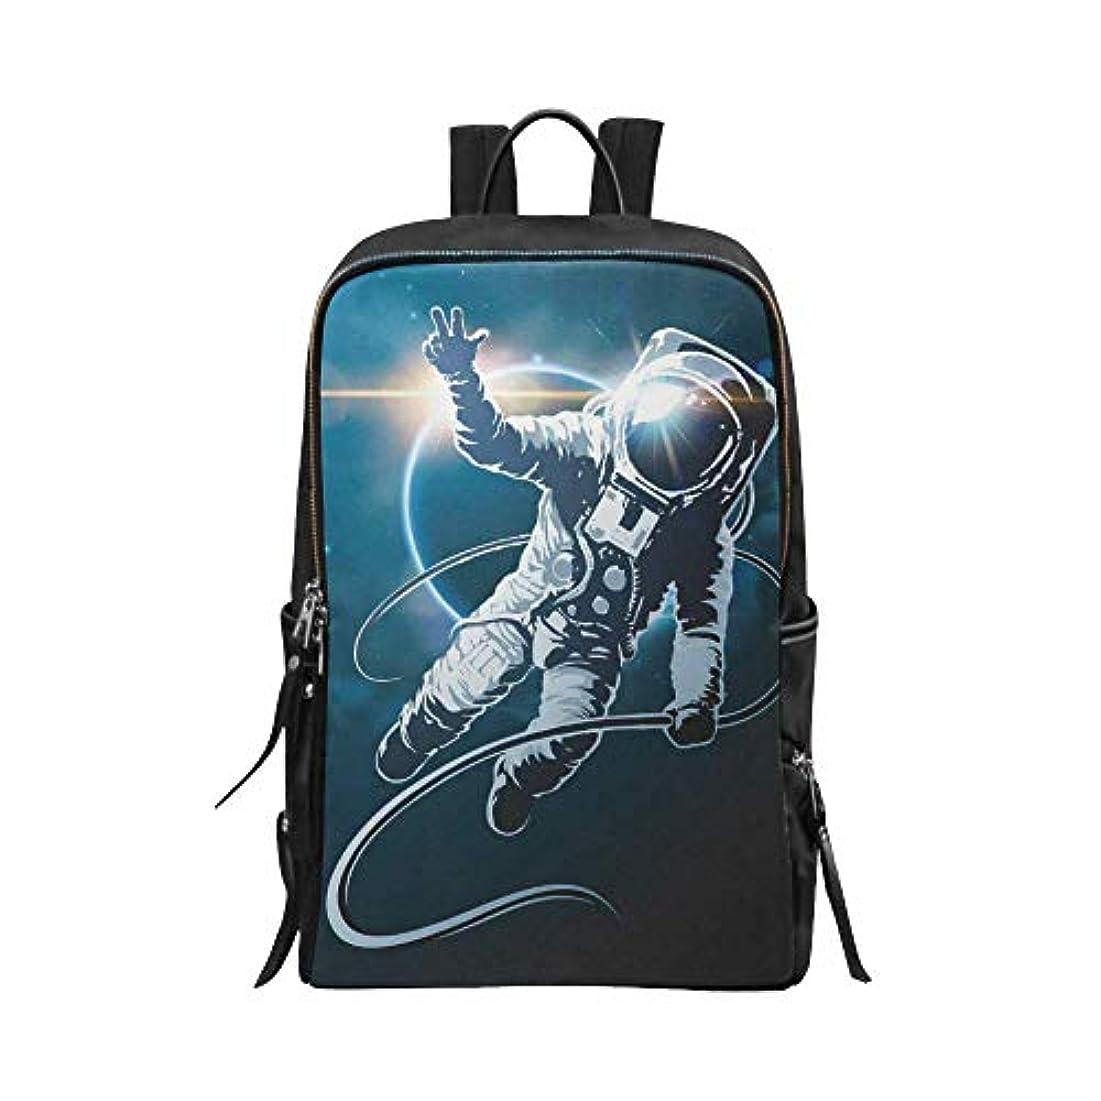 哲学教え傾向があるinterestprintライオンスカルオフィス学校カジュアル旅行バックパックCollegeスクールバッグ旅行用デイパック